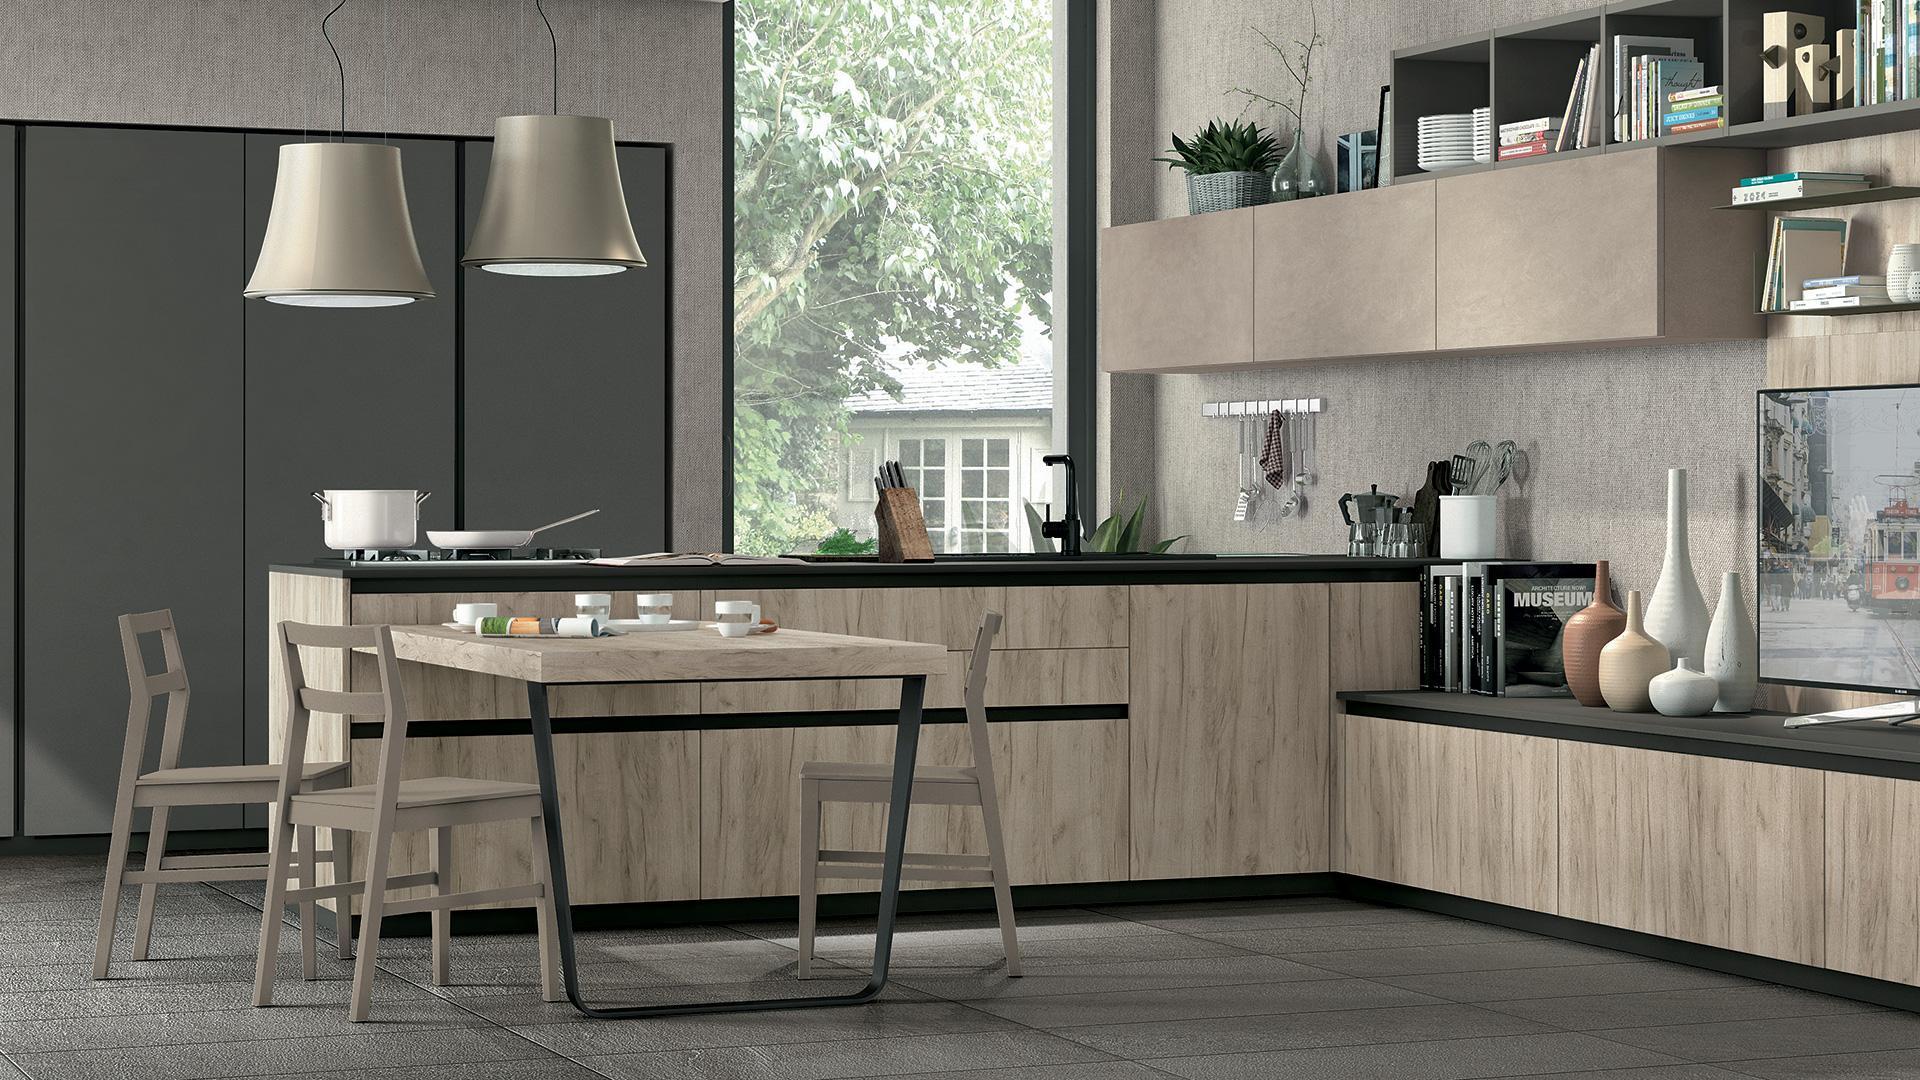 cucine lube: ottime opinioni per un marchio di qualità - Quanto Costa Una Cucina Lube